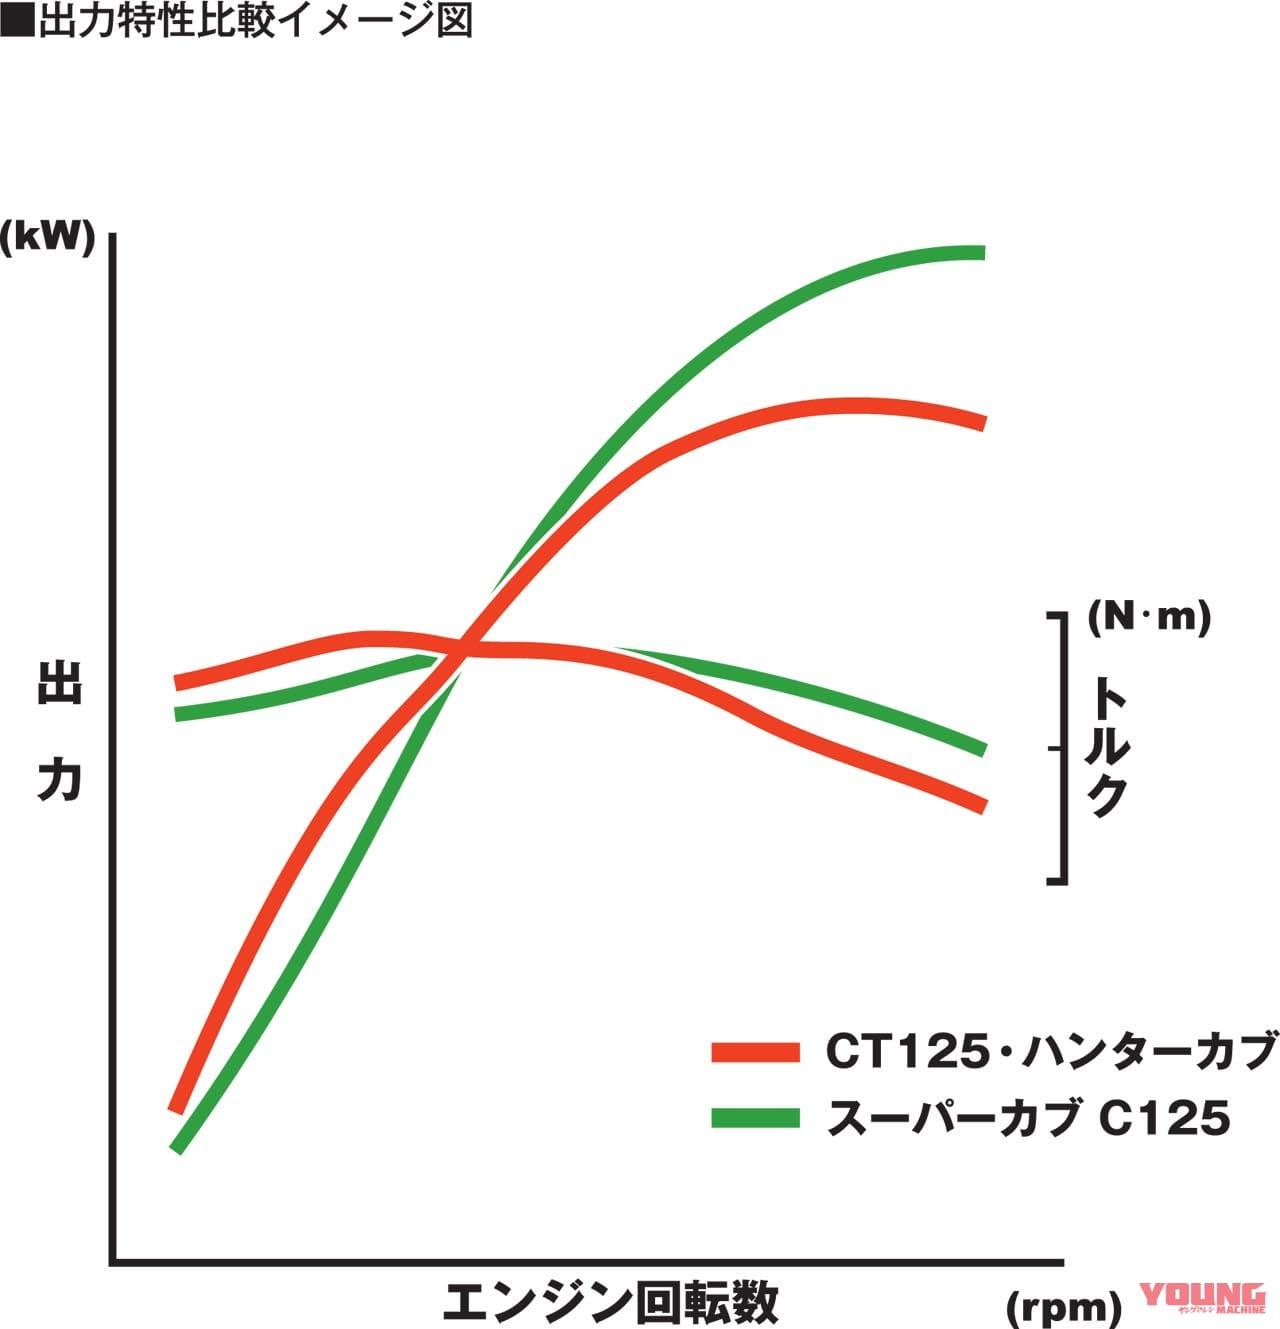 CT125ハンターカブの出力特性